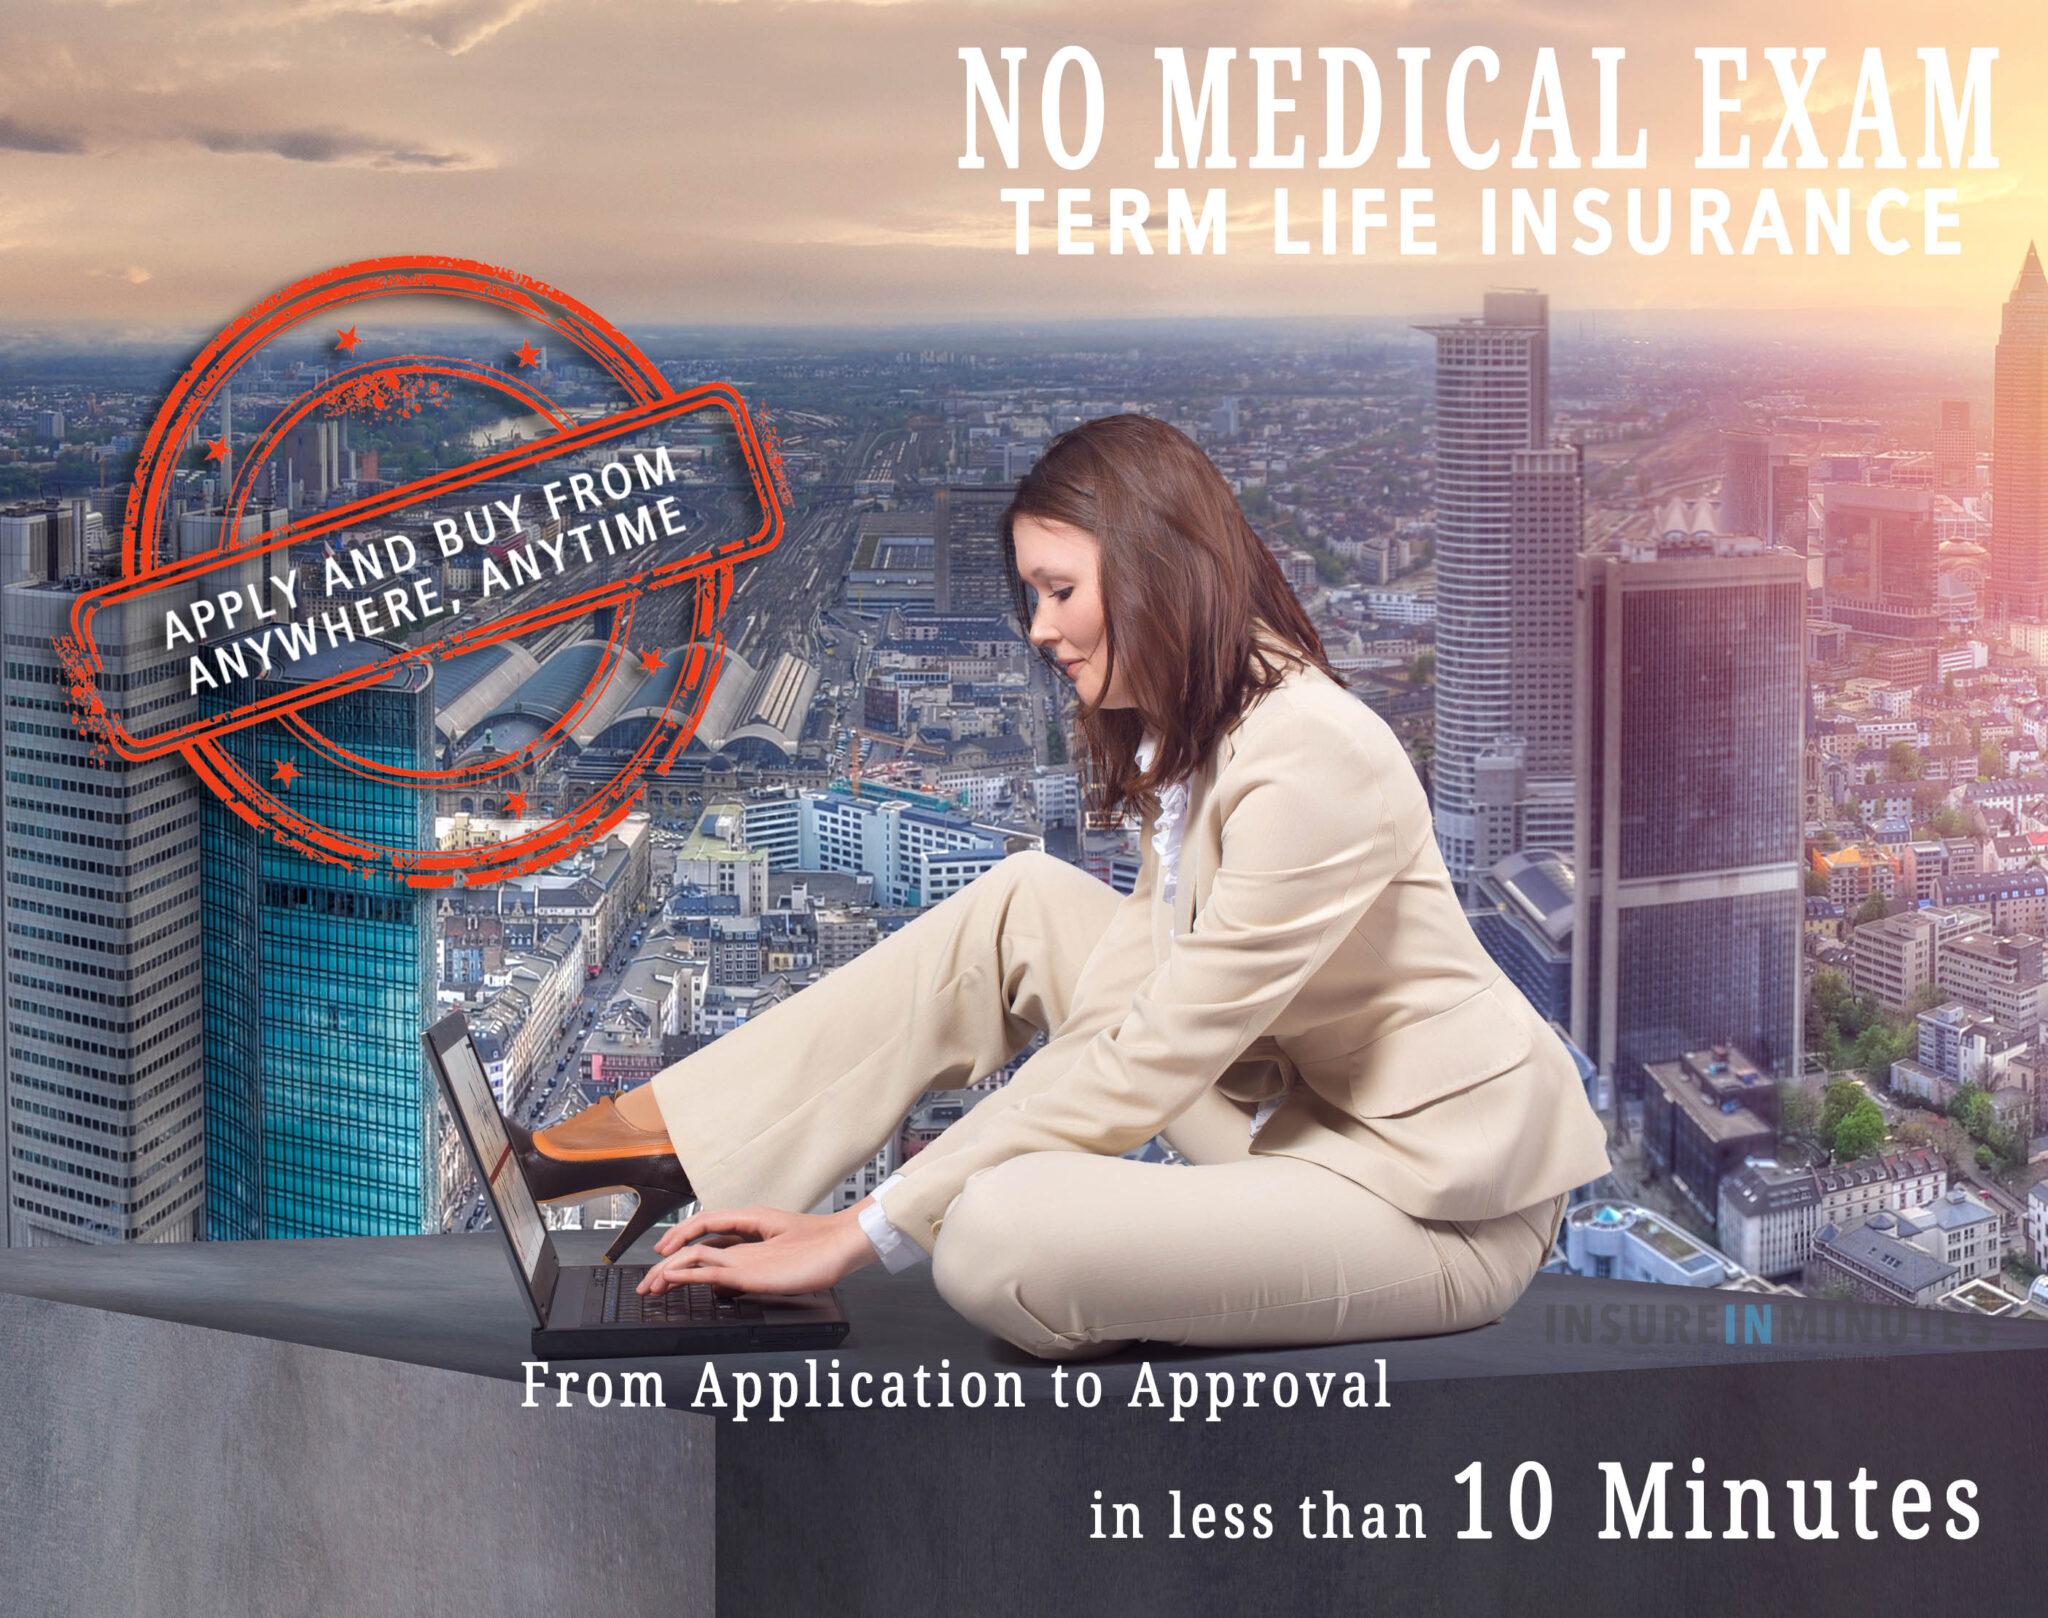 no medical exam term life